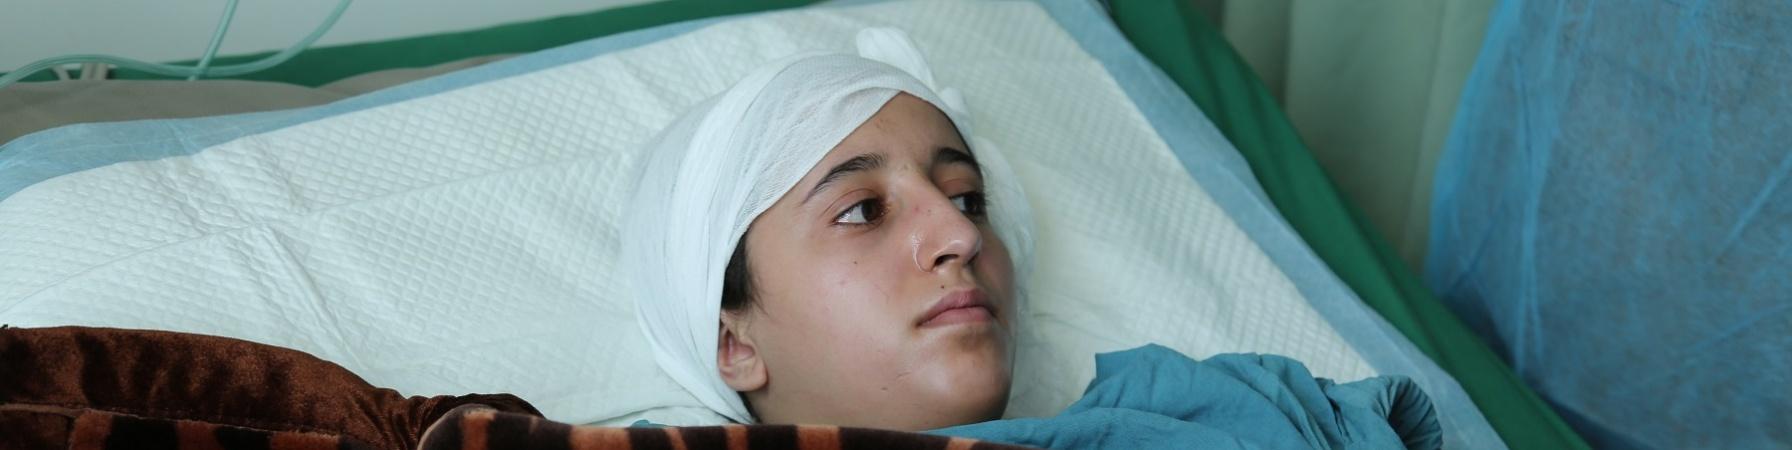 Adolescente yemenita in letto di ospedale con fasciatura alla testa